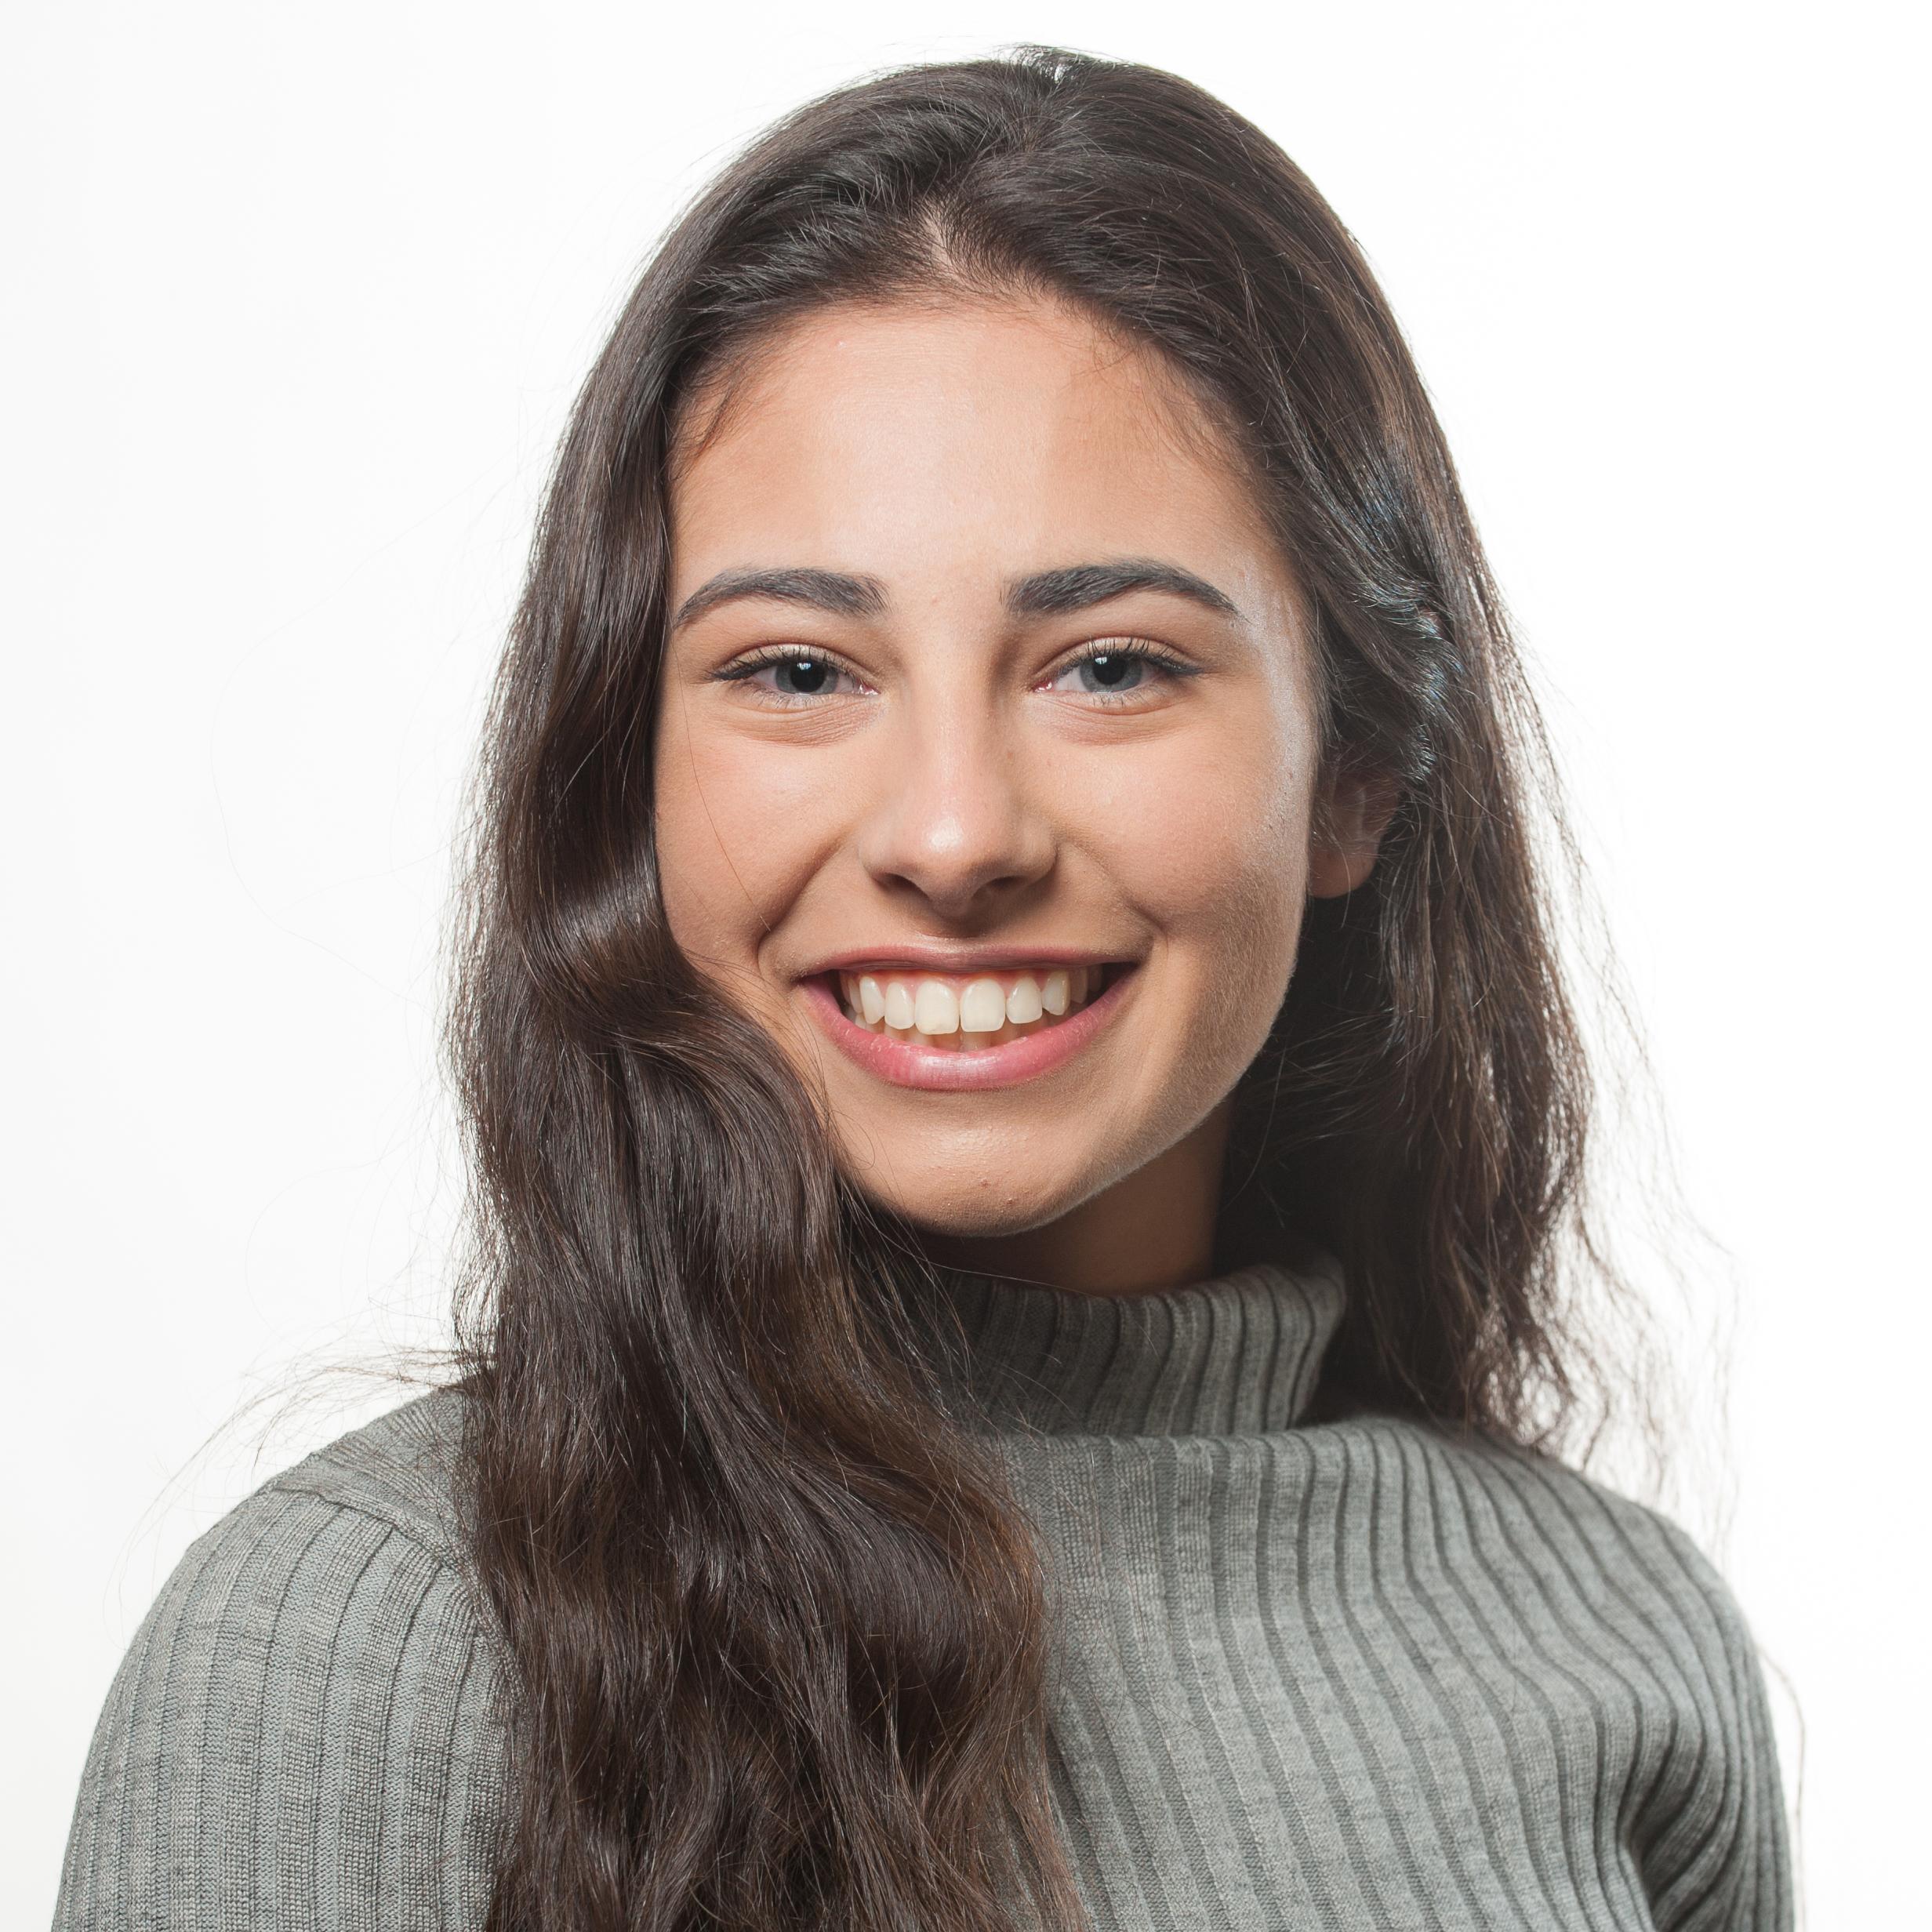 Angeline Mavromatis